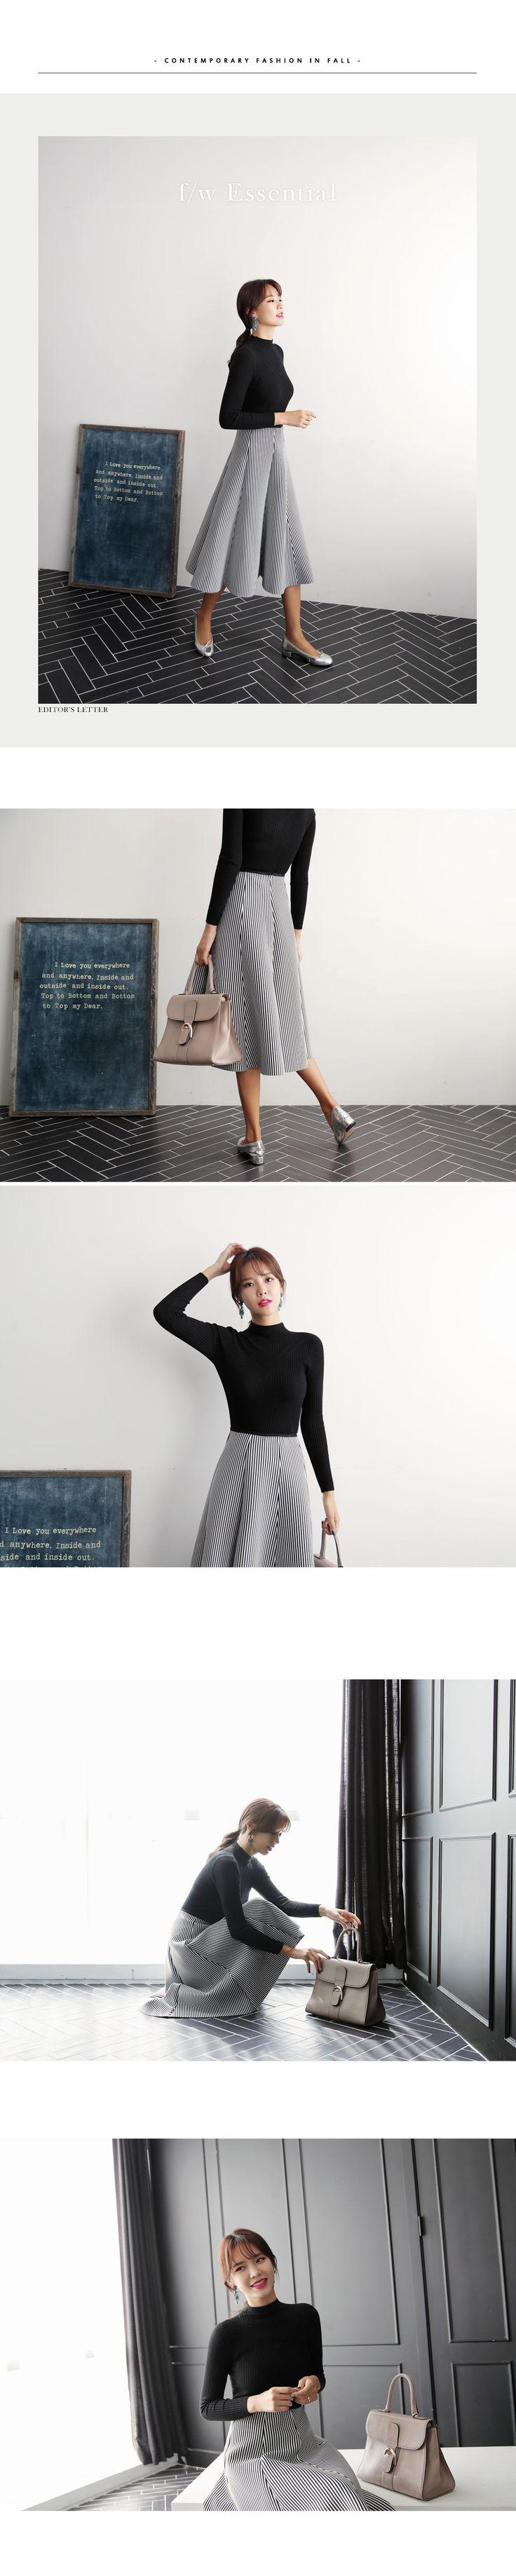 スリムニット&ネオプレーンフレアスカートSET・全1色スカートスカート|レディースファッション通販 DHOLICディーホリック [ファストファッション 水着 ワンピース]